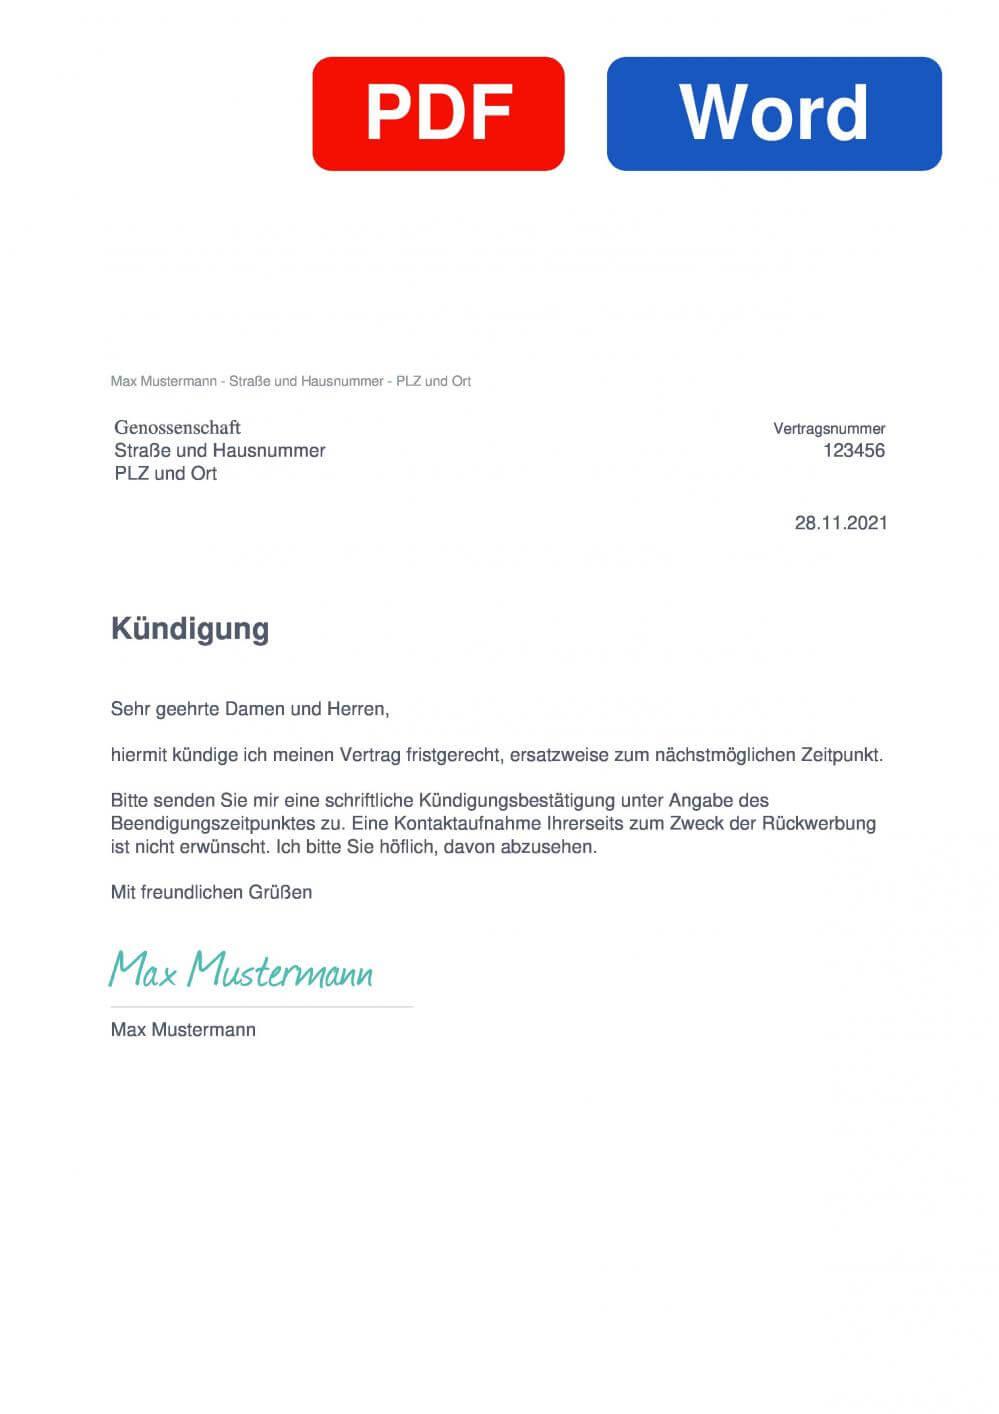 Genossenschaft Muster Vorlage für Kündigungsschreiben